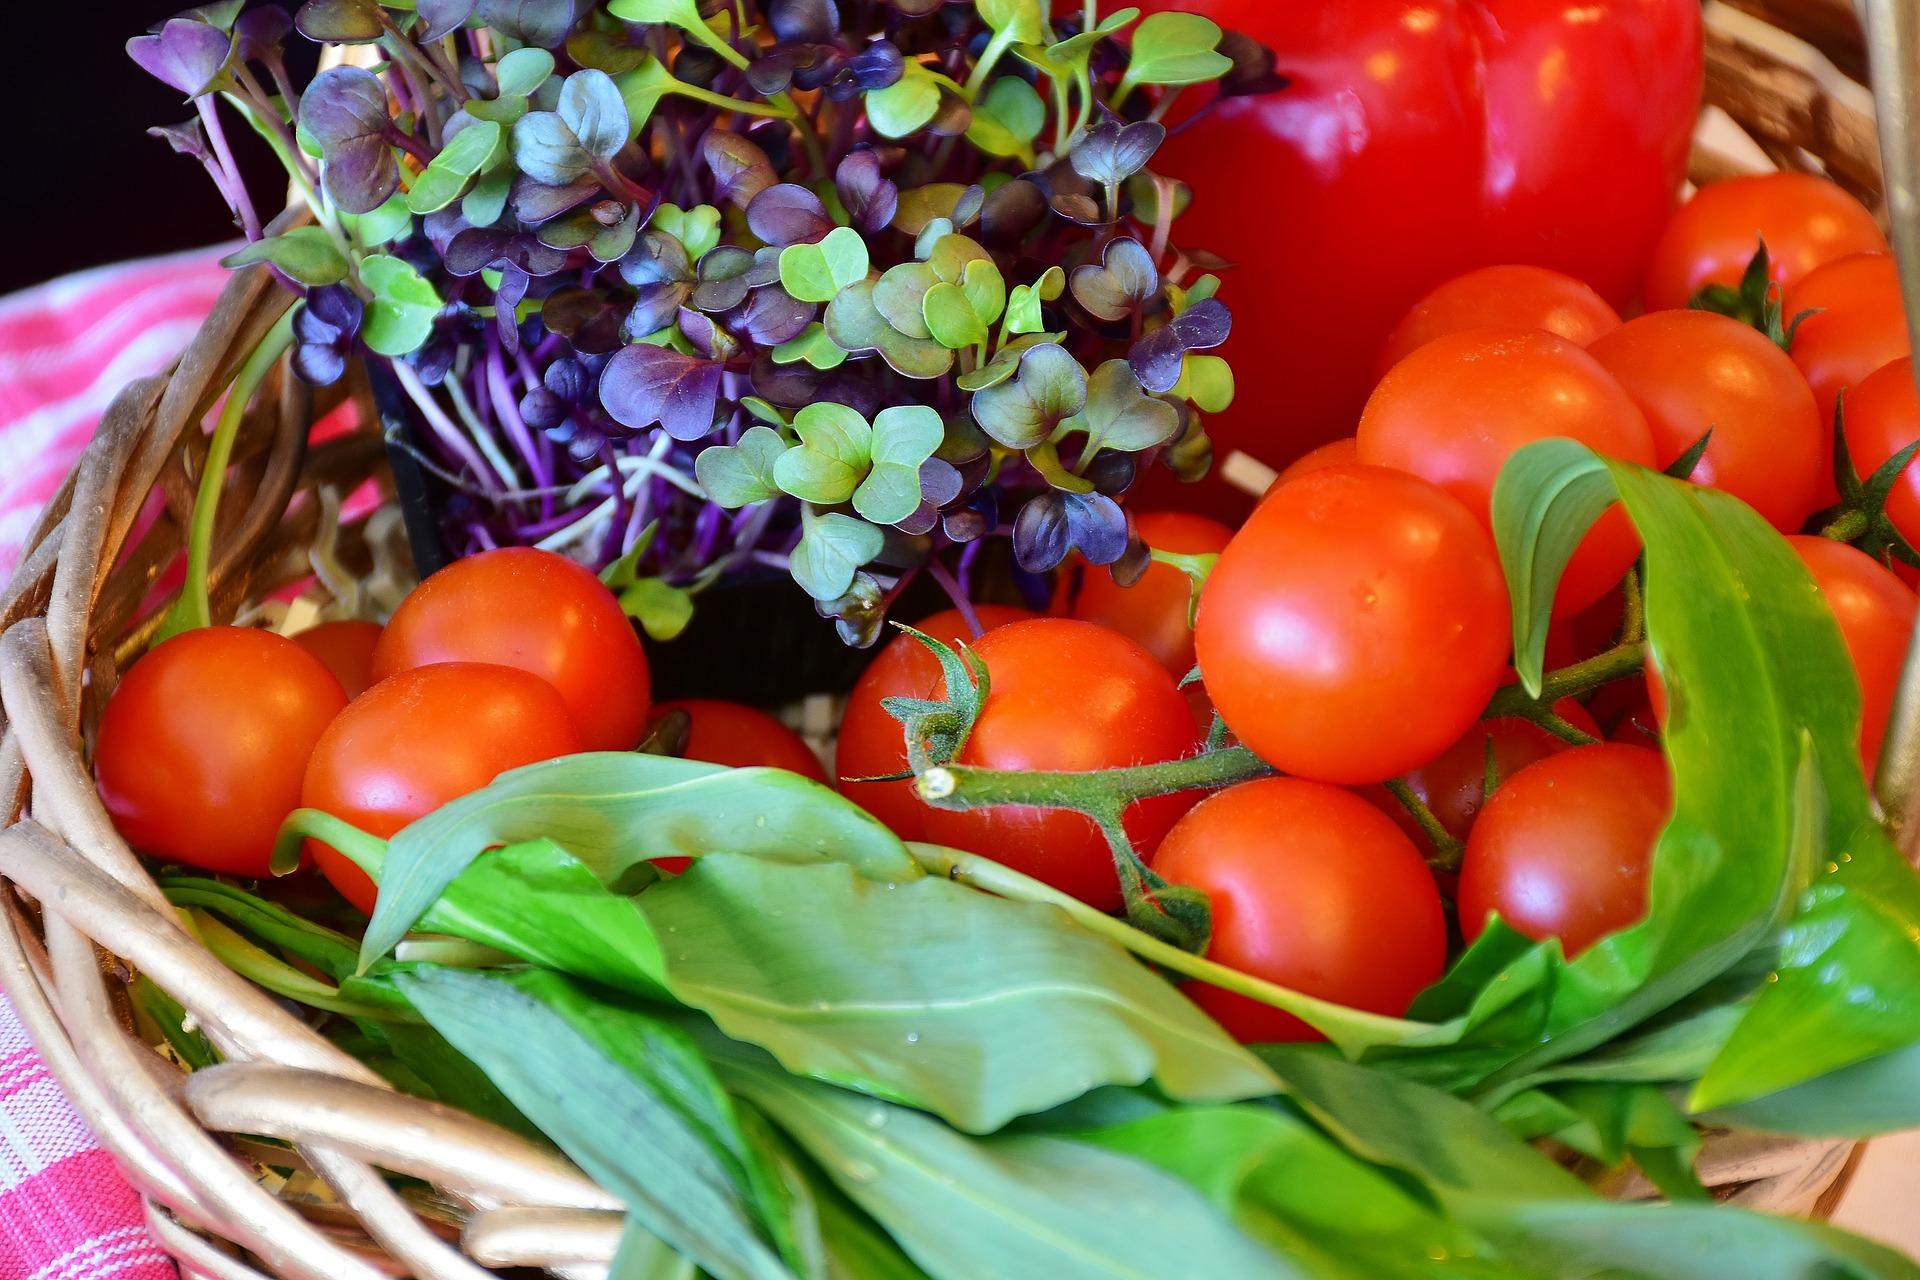 UK Garden Trends - Grow your own fruits and veggies in 2020